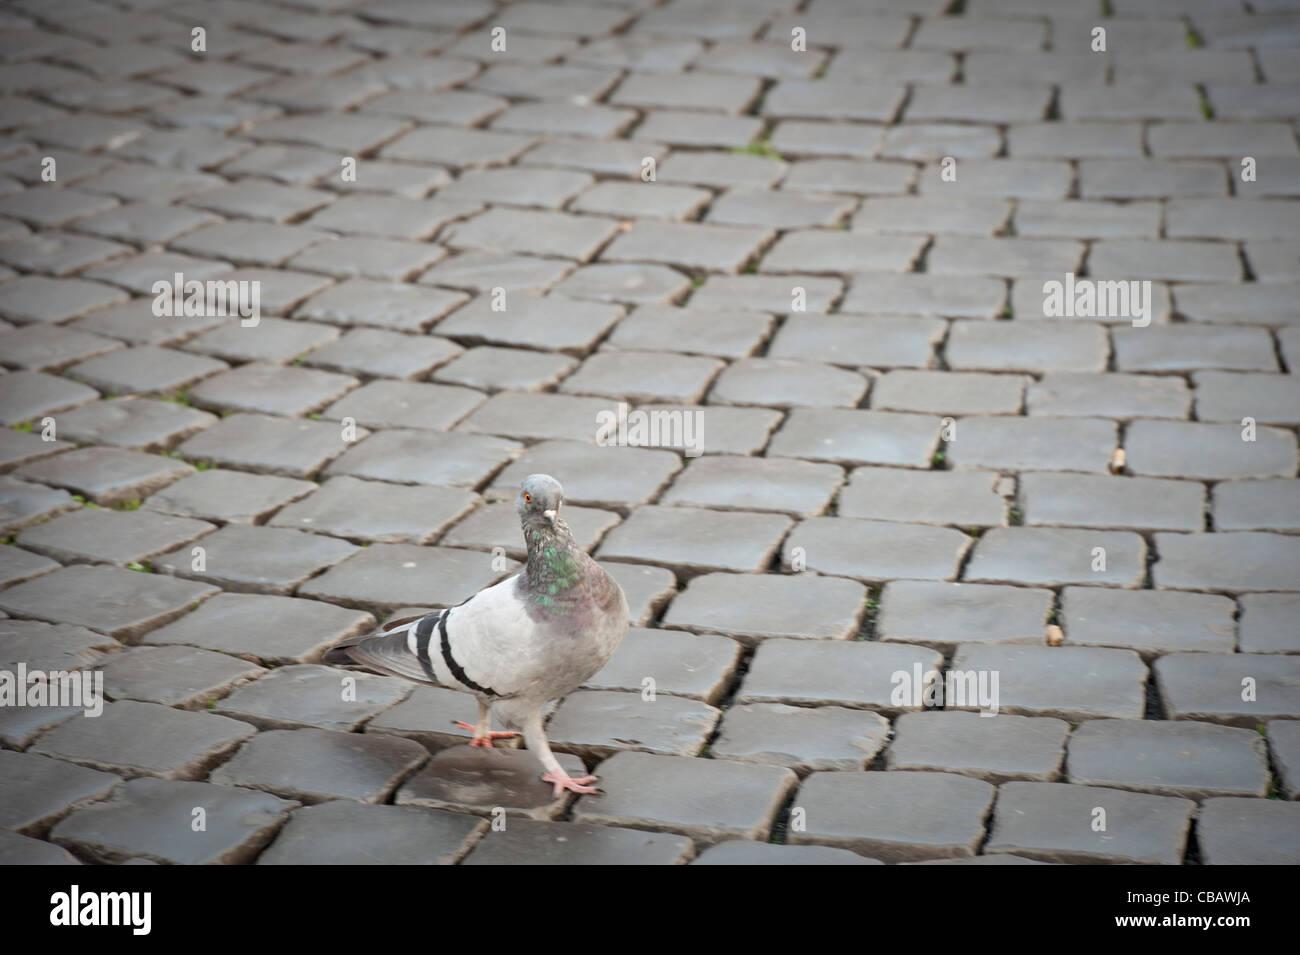 Pigeon camminando per le strade di Roma Immagini Stock